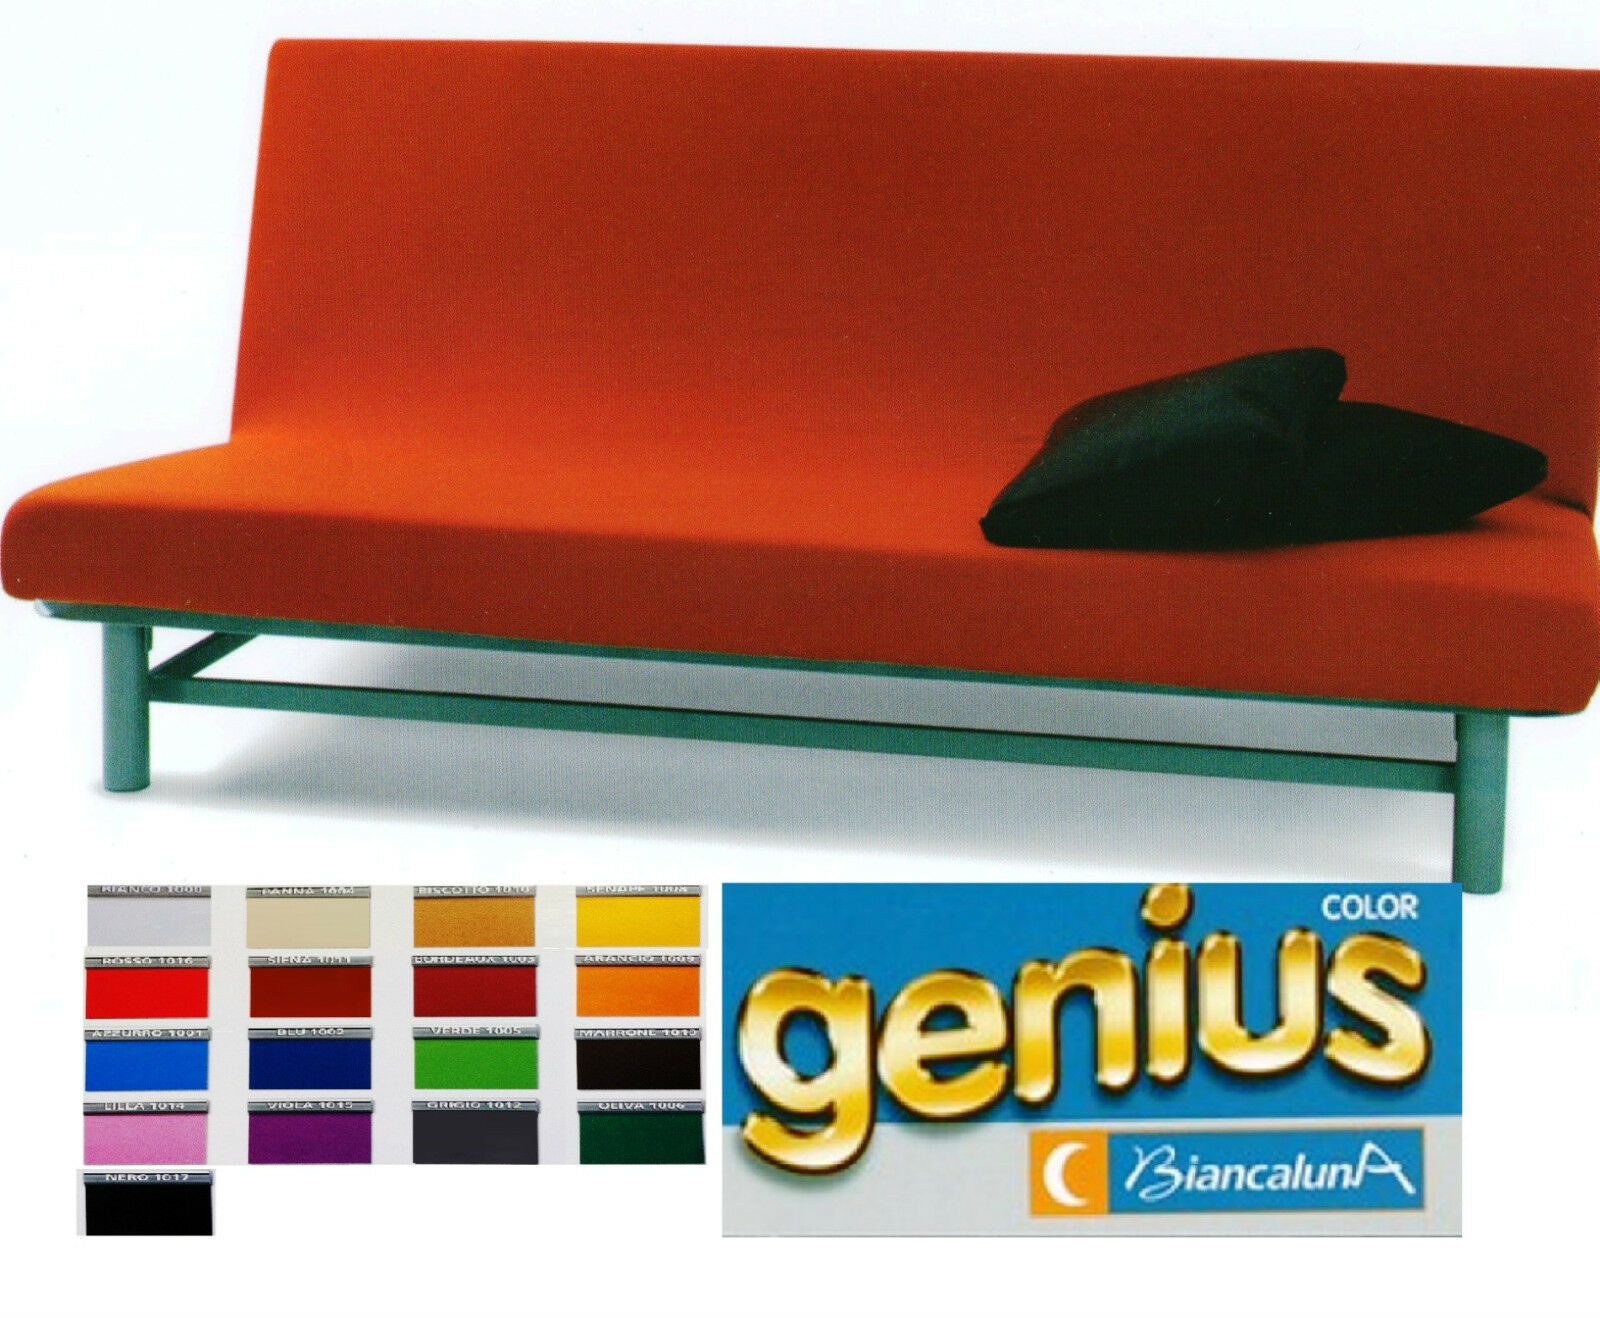 Copridivano 3 posti senza braccioli max cm 220 genius queen per divano 3 posti ebay - Copricuscini divano bassetti ...